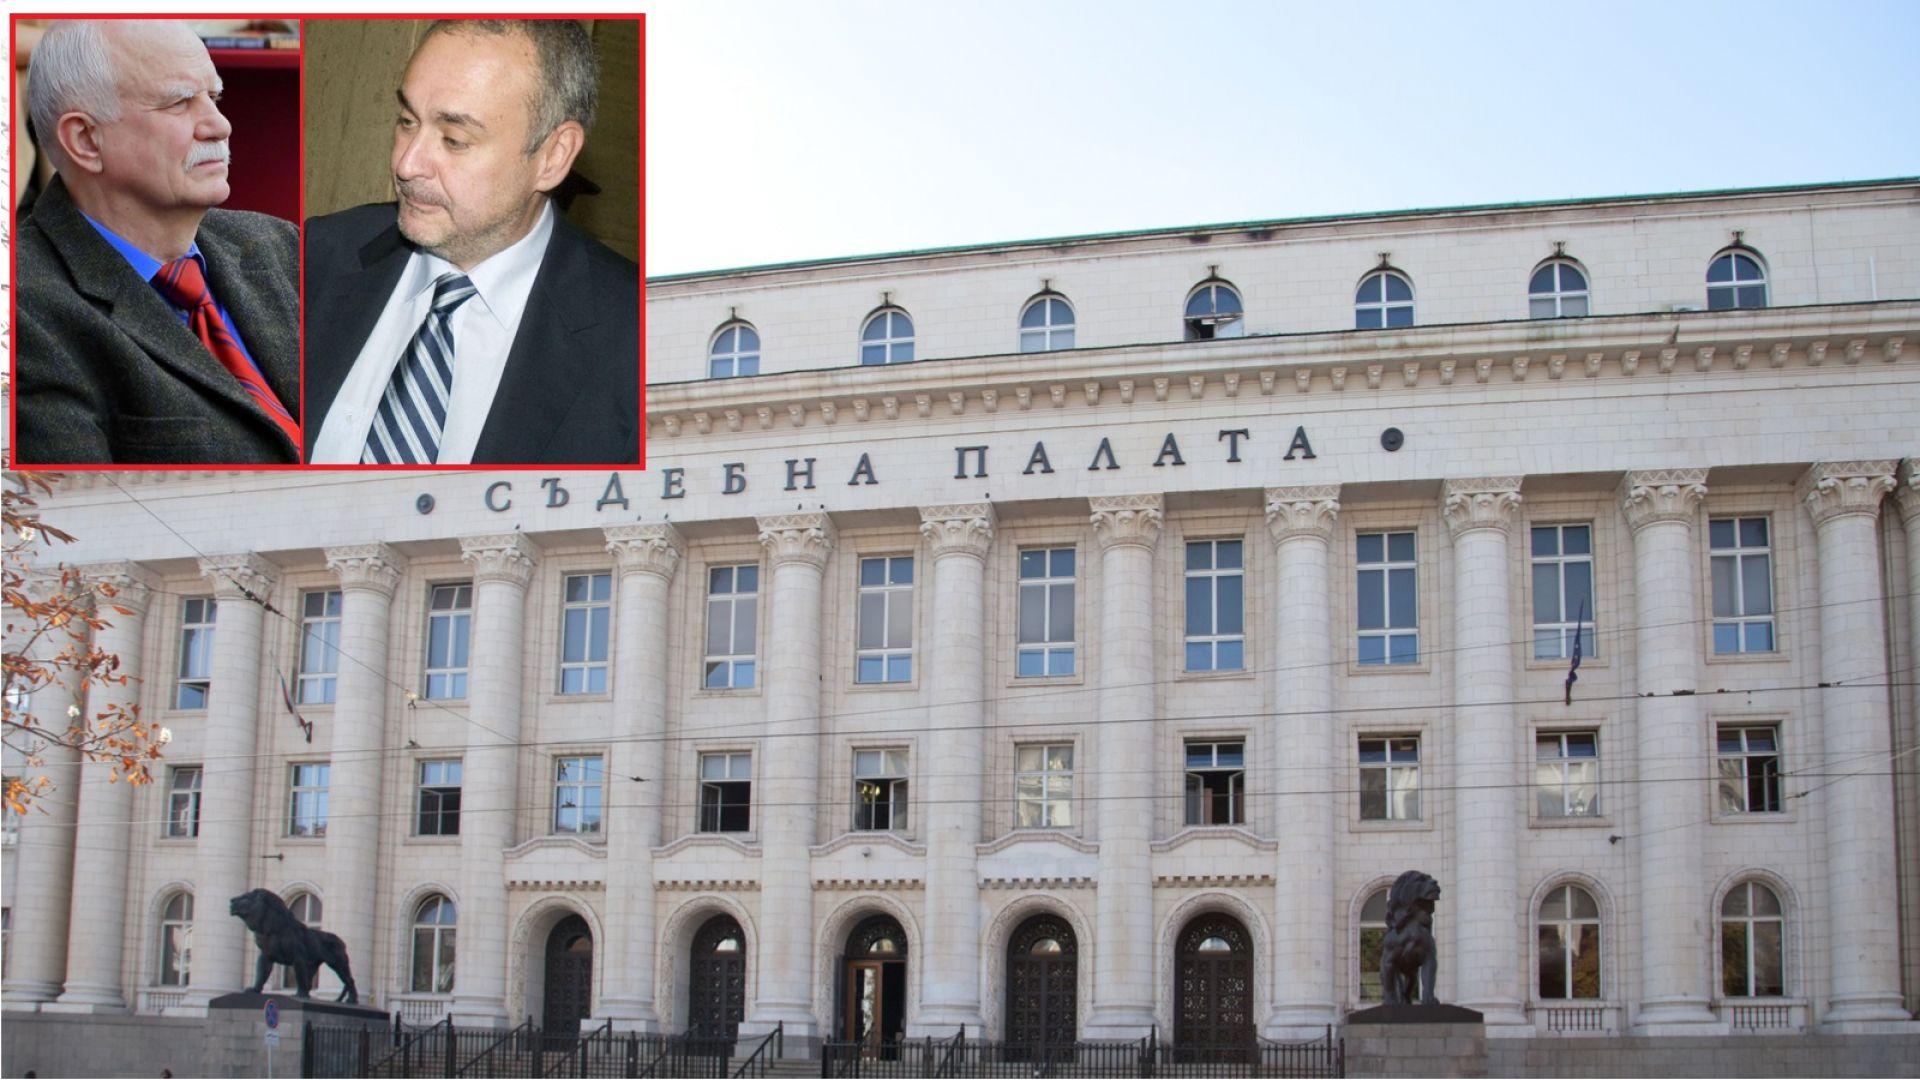 Никола Филчев и Борис Велчев си отправиха тежки обвинения